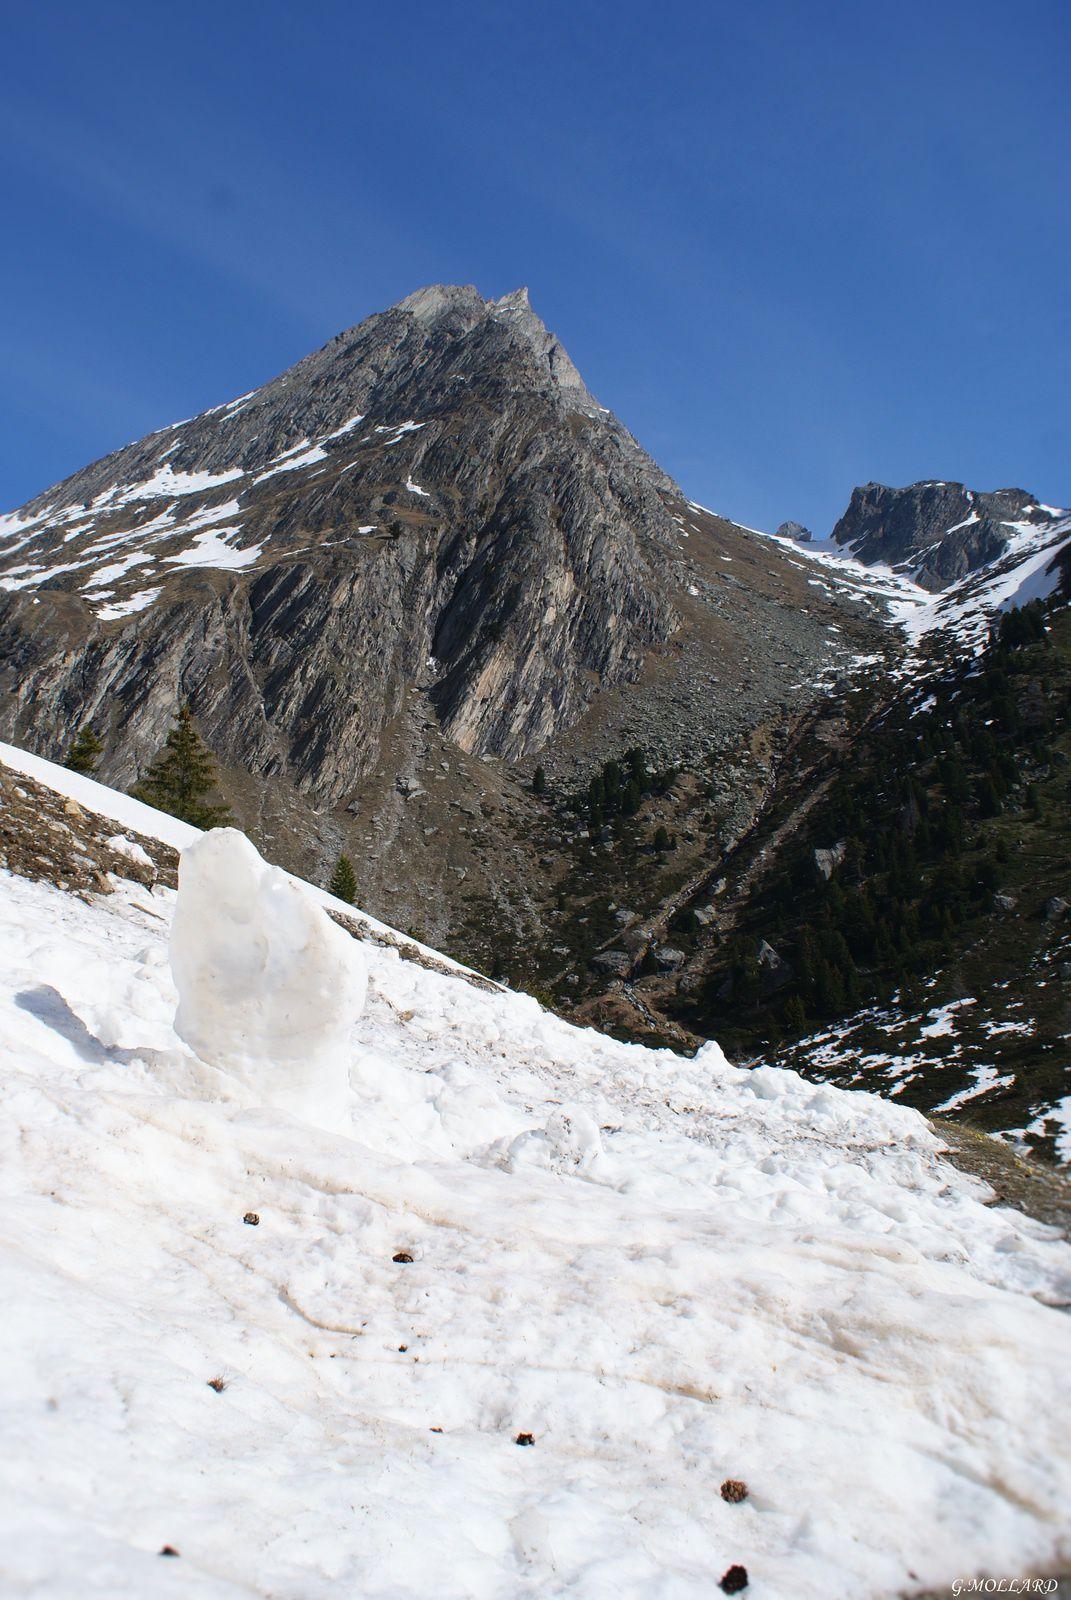 Randonnée de printemps/ marmottes/Cascades/savoie,Maurienne.